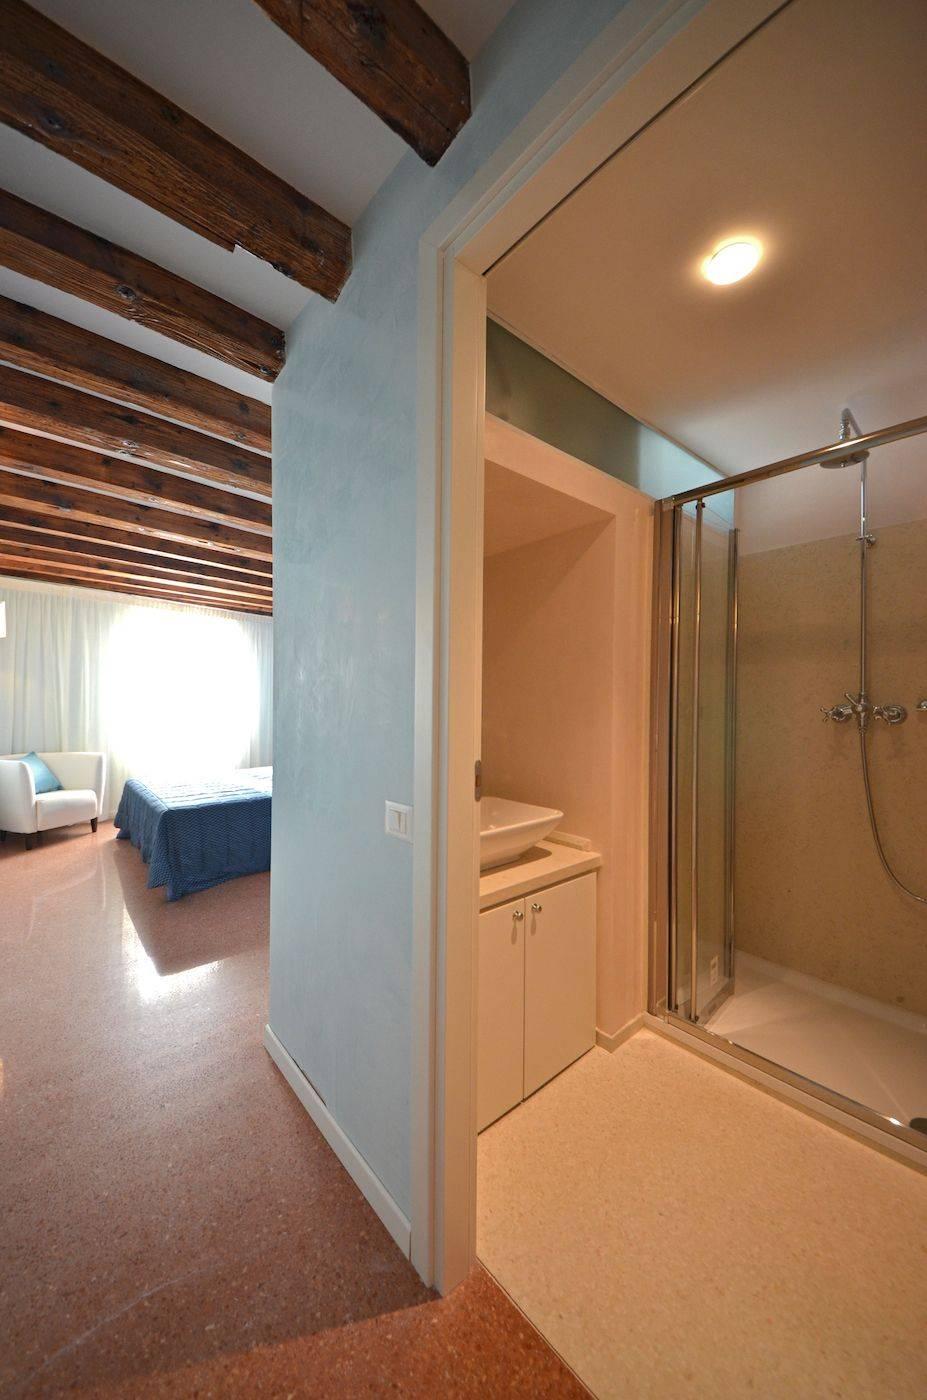 sunny master bedroom with en-suite bathroom